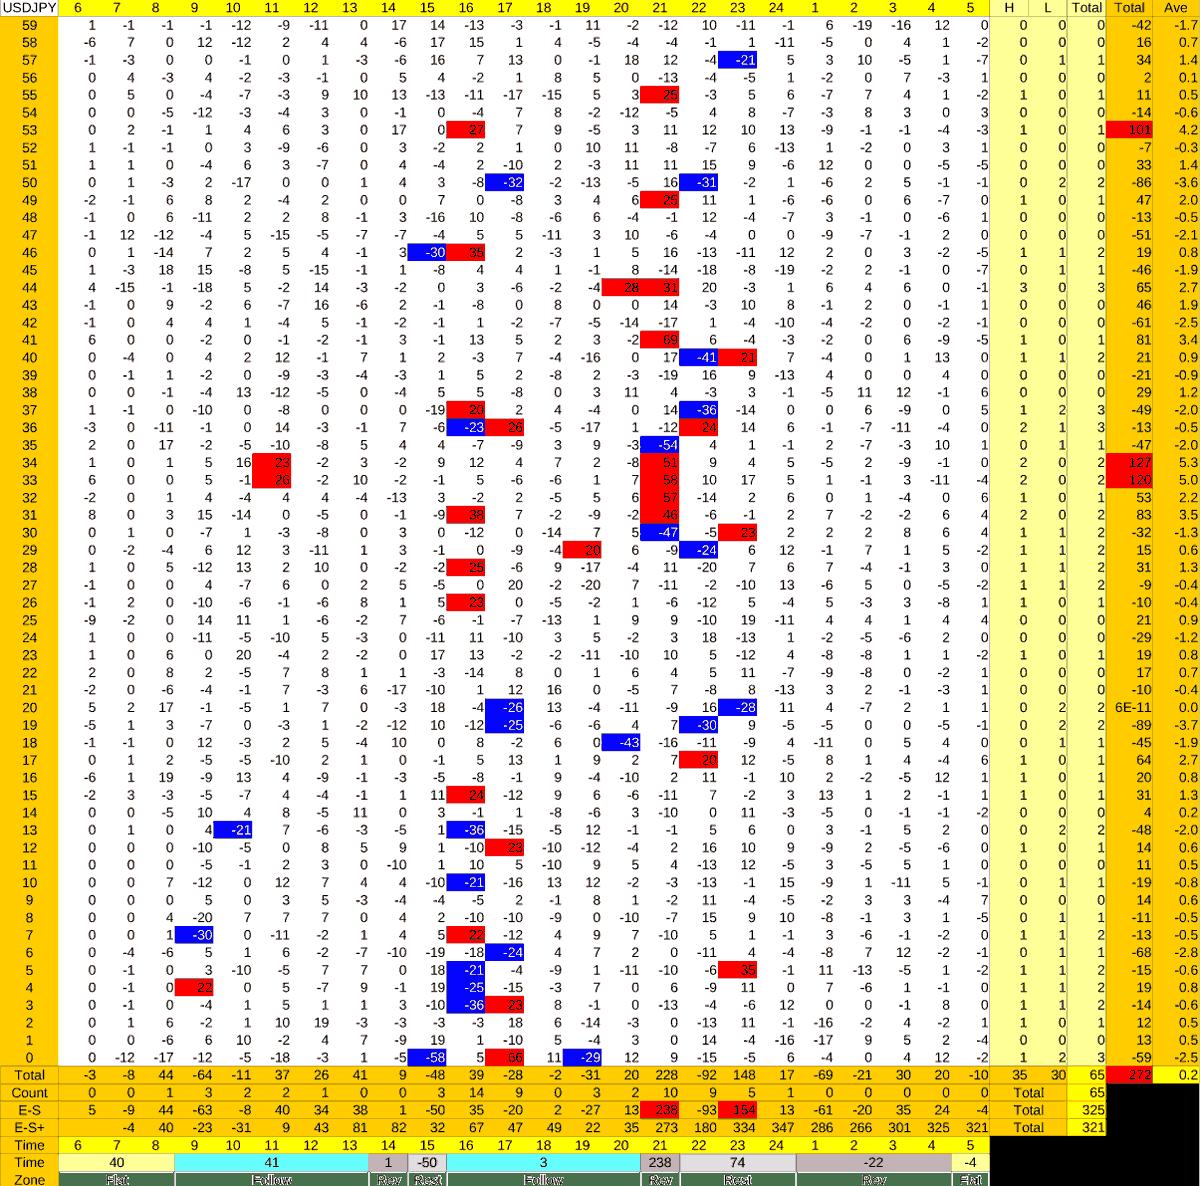 20210817_HS(1)USDJPY-min